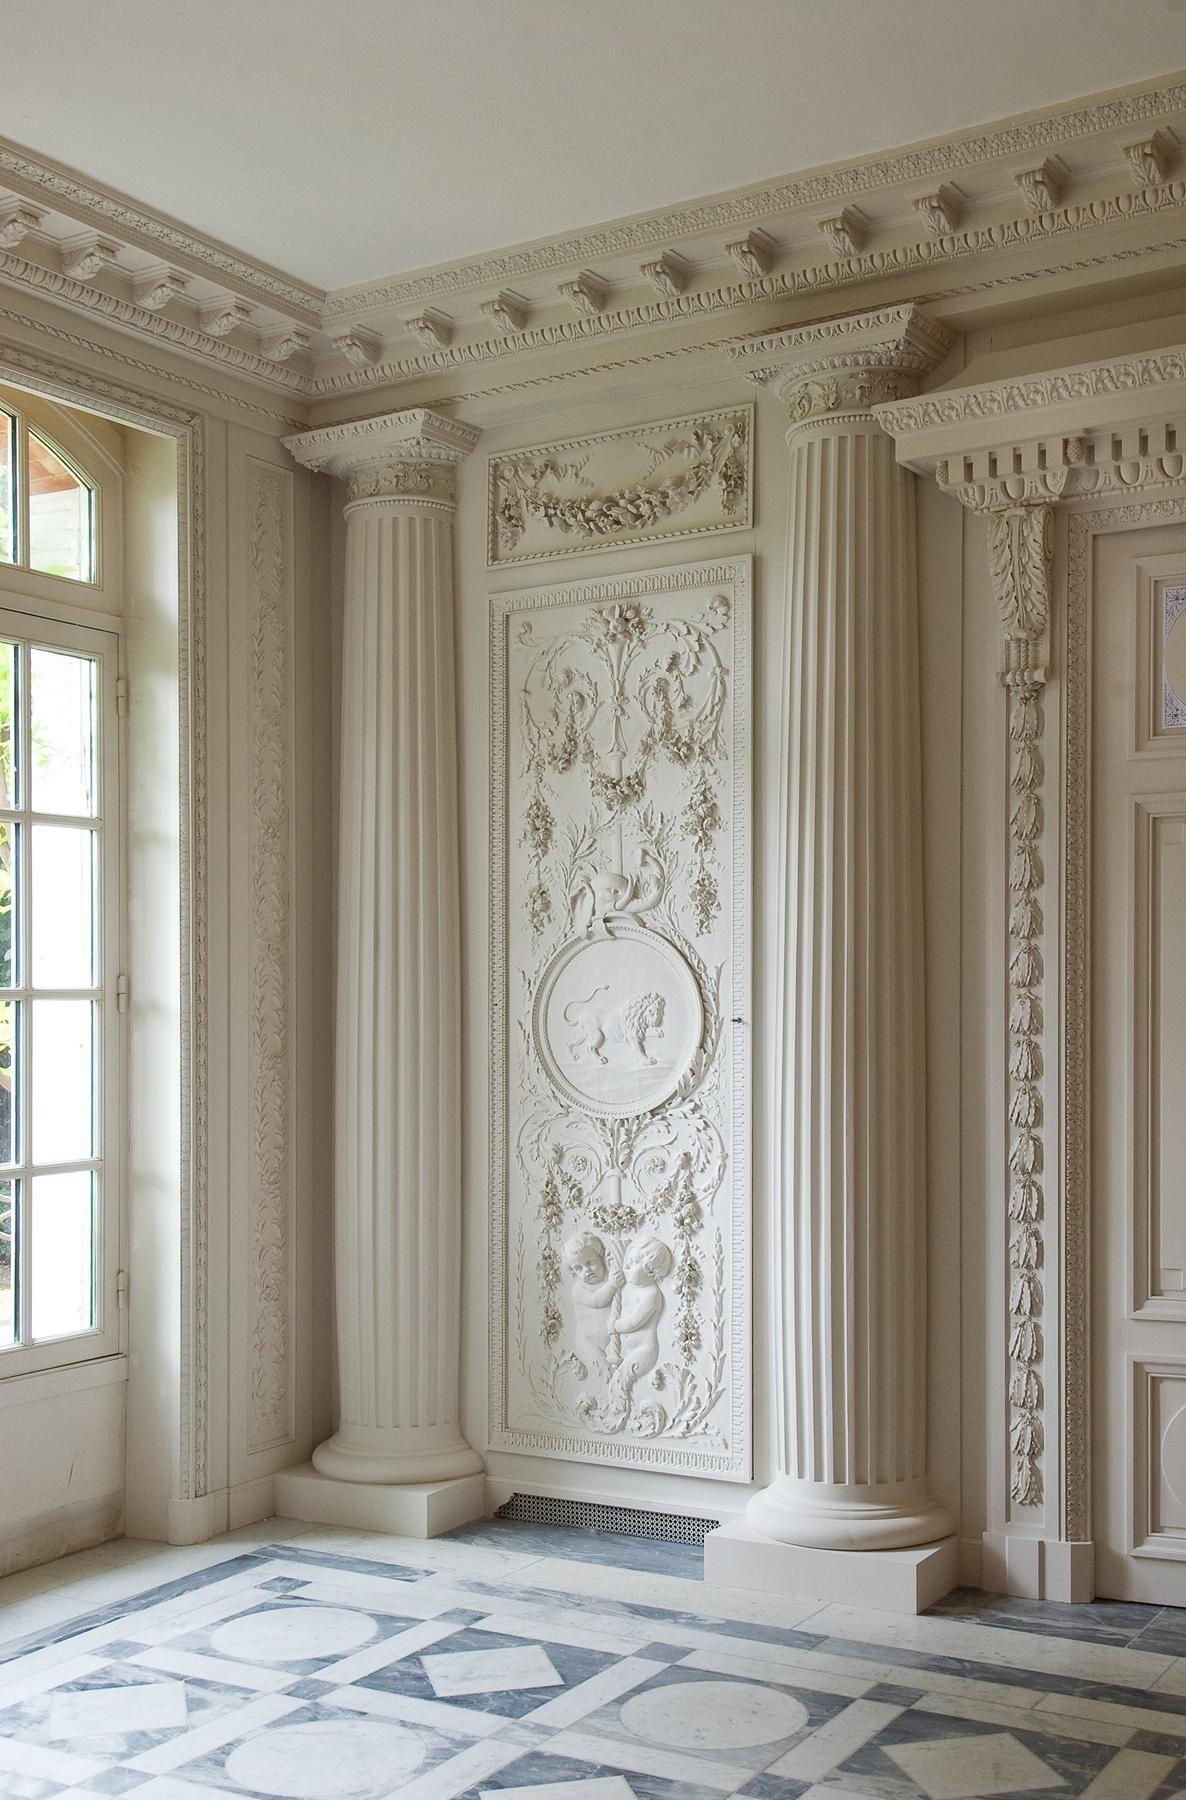 Claude-nicolas Ledoux Architect Interior Design